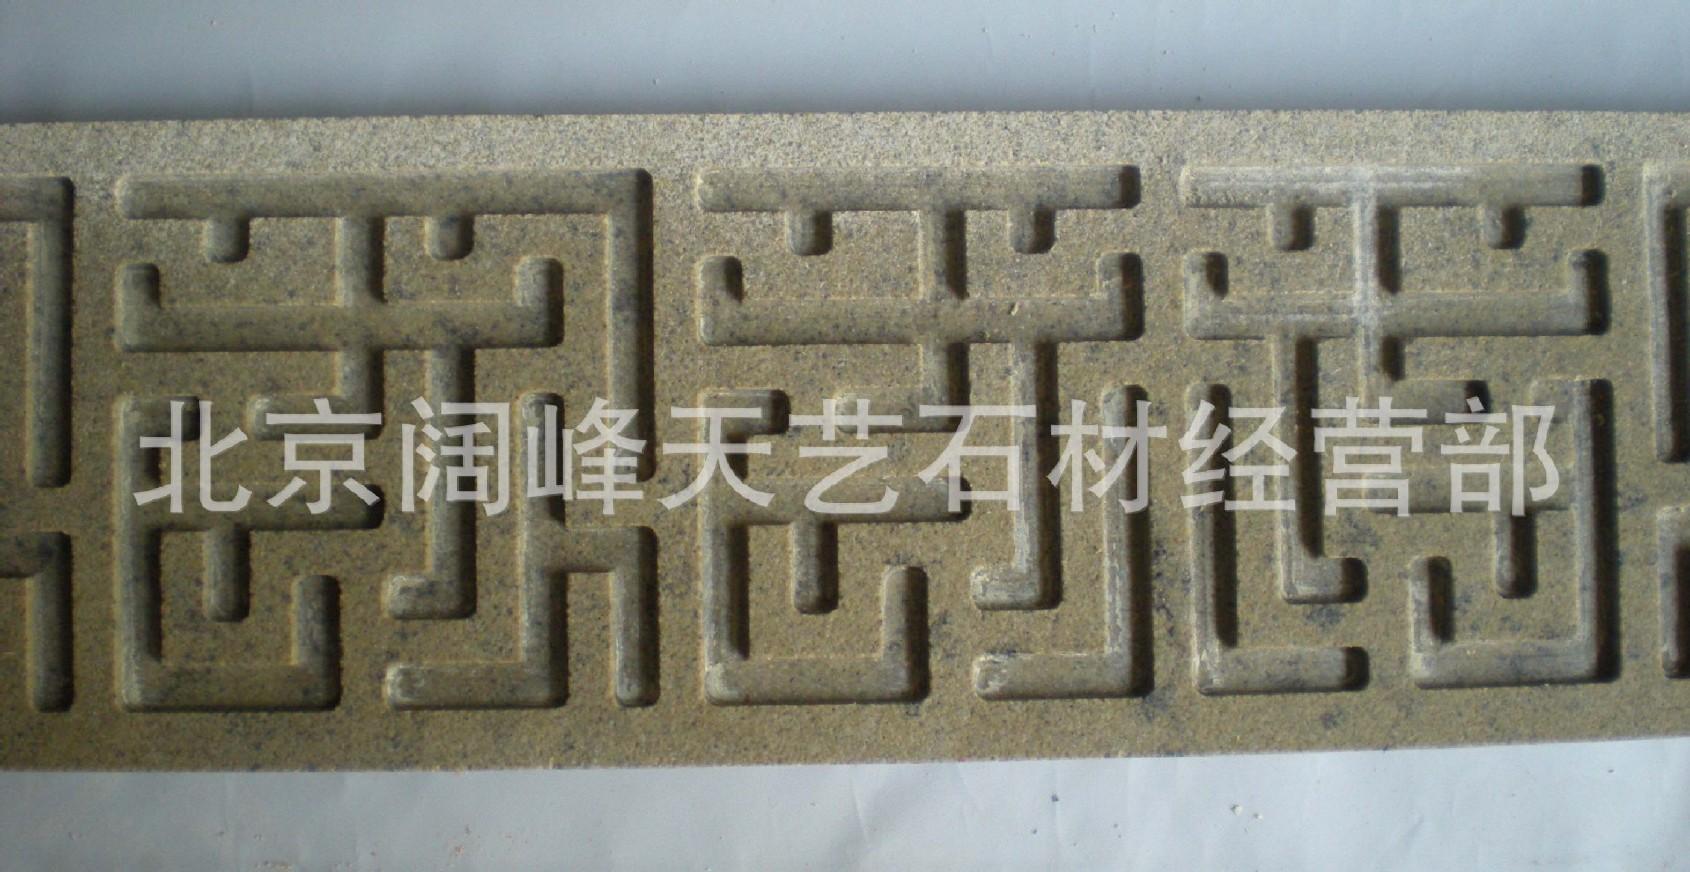 厂家定做石材雕花线条 回纹线 雕刻槽石膏,石料工艺品 石刻厂家